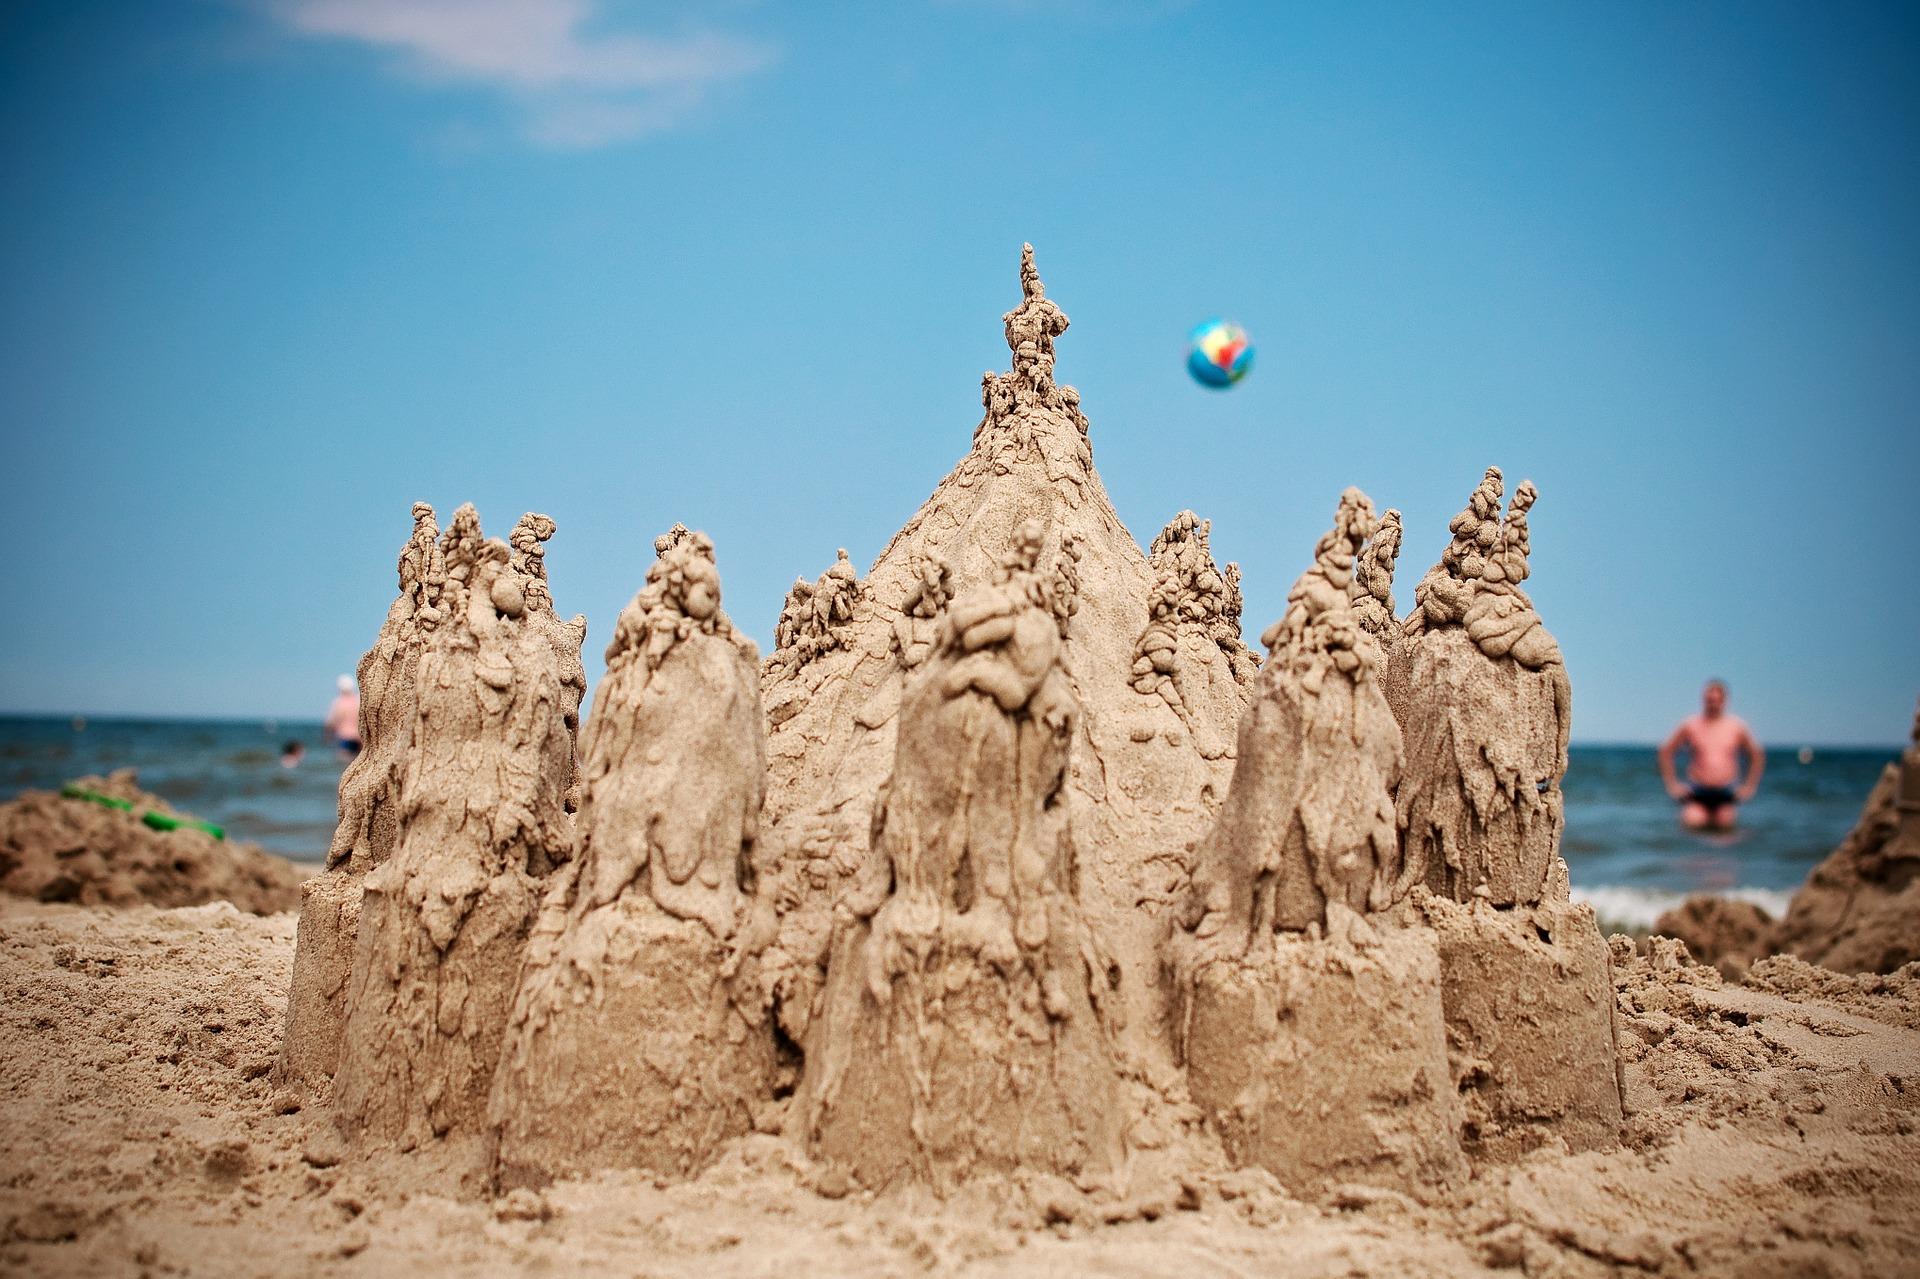 castillo de arena, playa, mar, agua, verano - Fondos de Pantalla HD - professor-falken.com